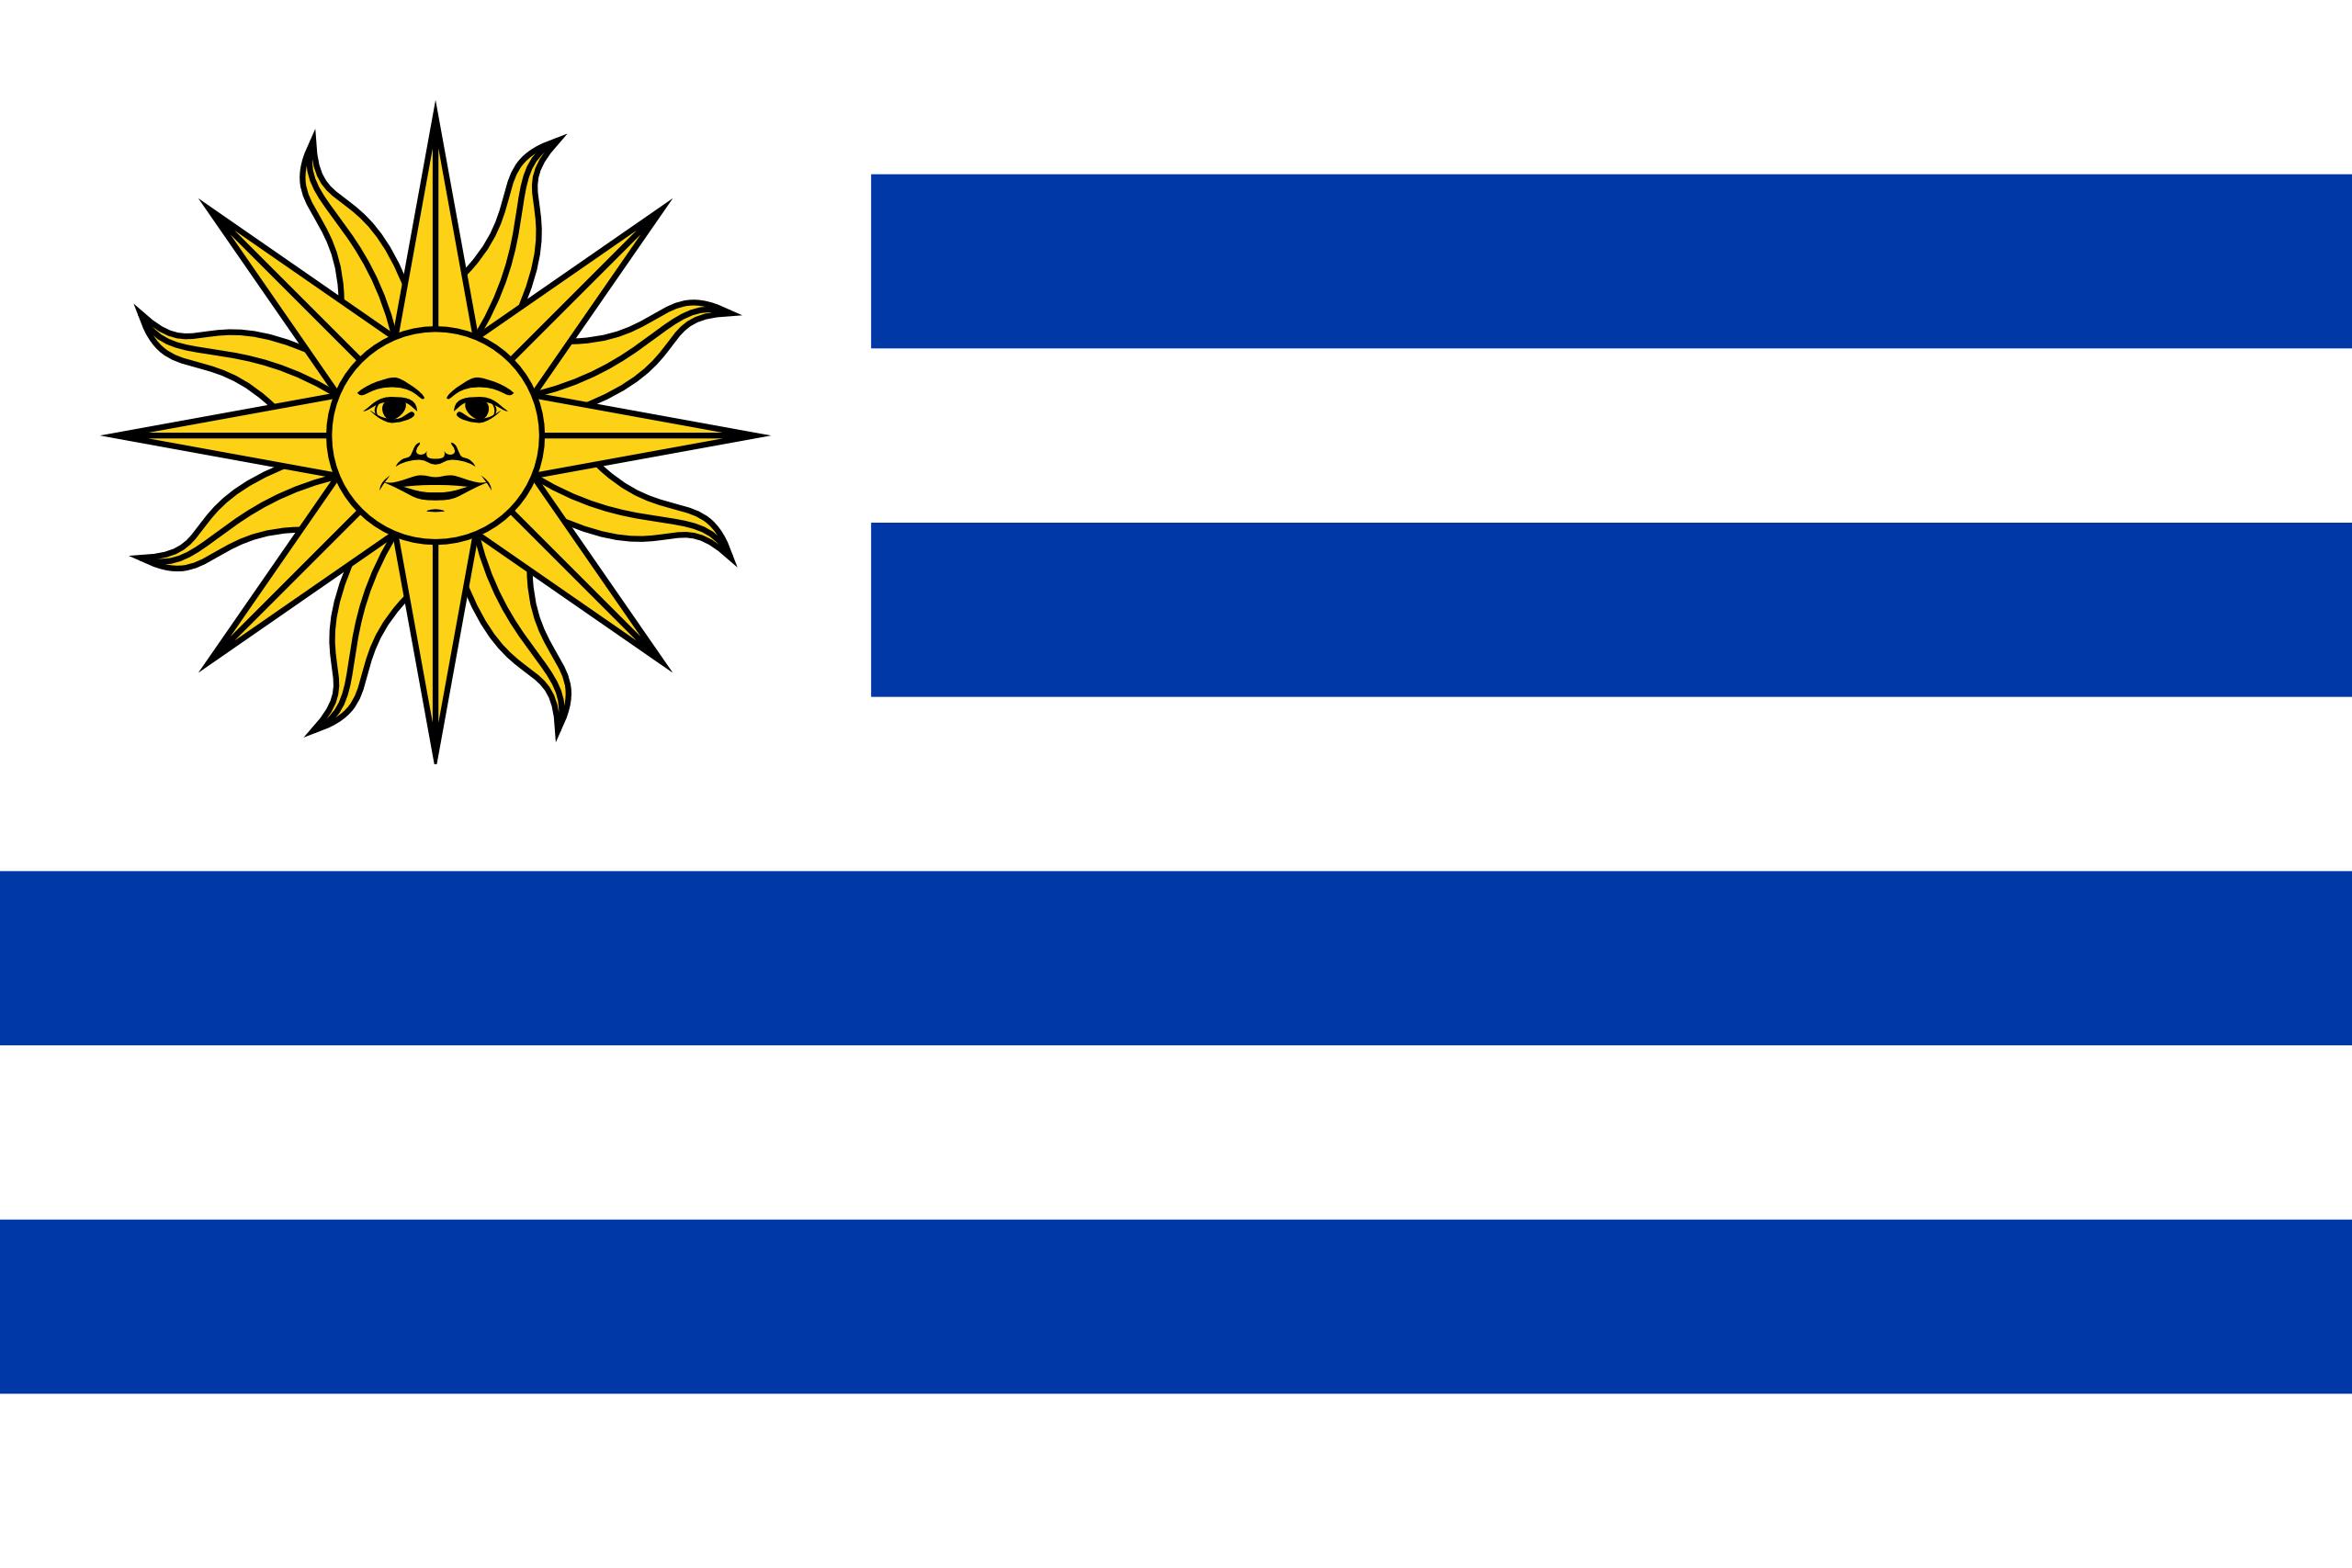 Ουρουγουάη, χώρα, έμβλημα, λογότυπο, σύμβολο - Wallpapers HD - Professor-falken.com